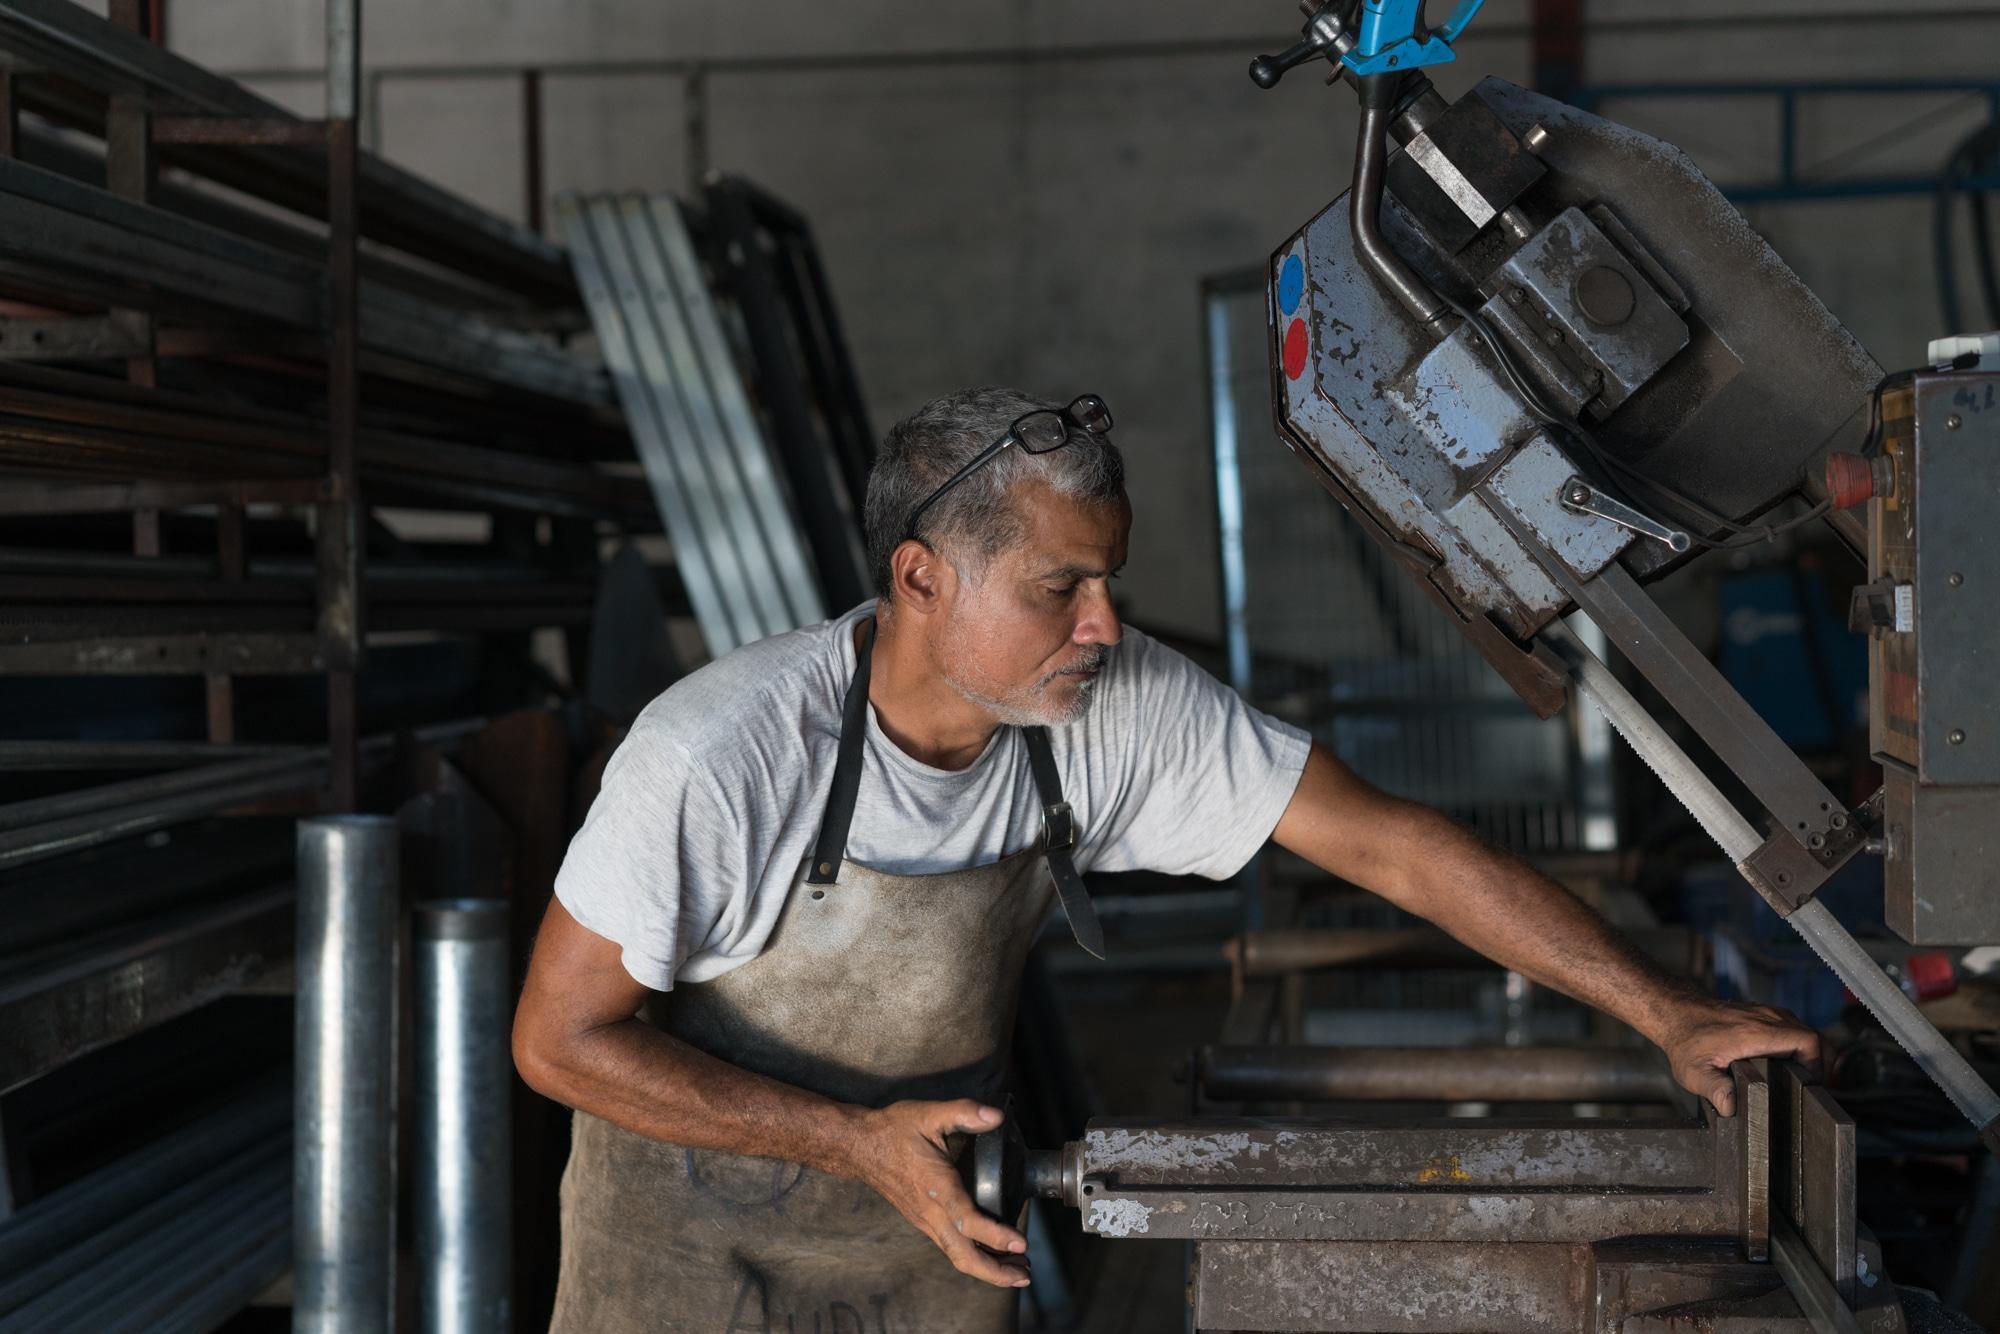 Jean-Claude ajuste un réglage sur une machine munie d'une scie.